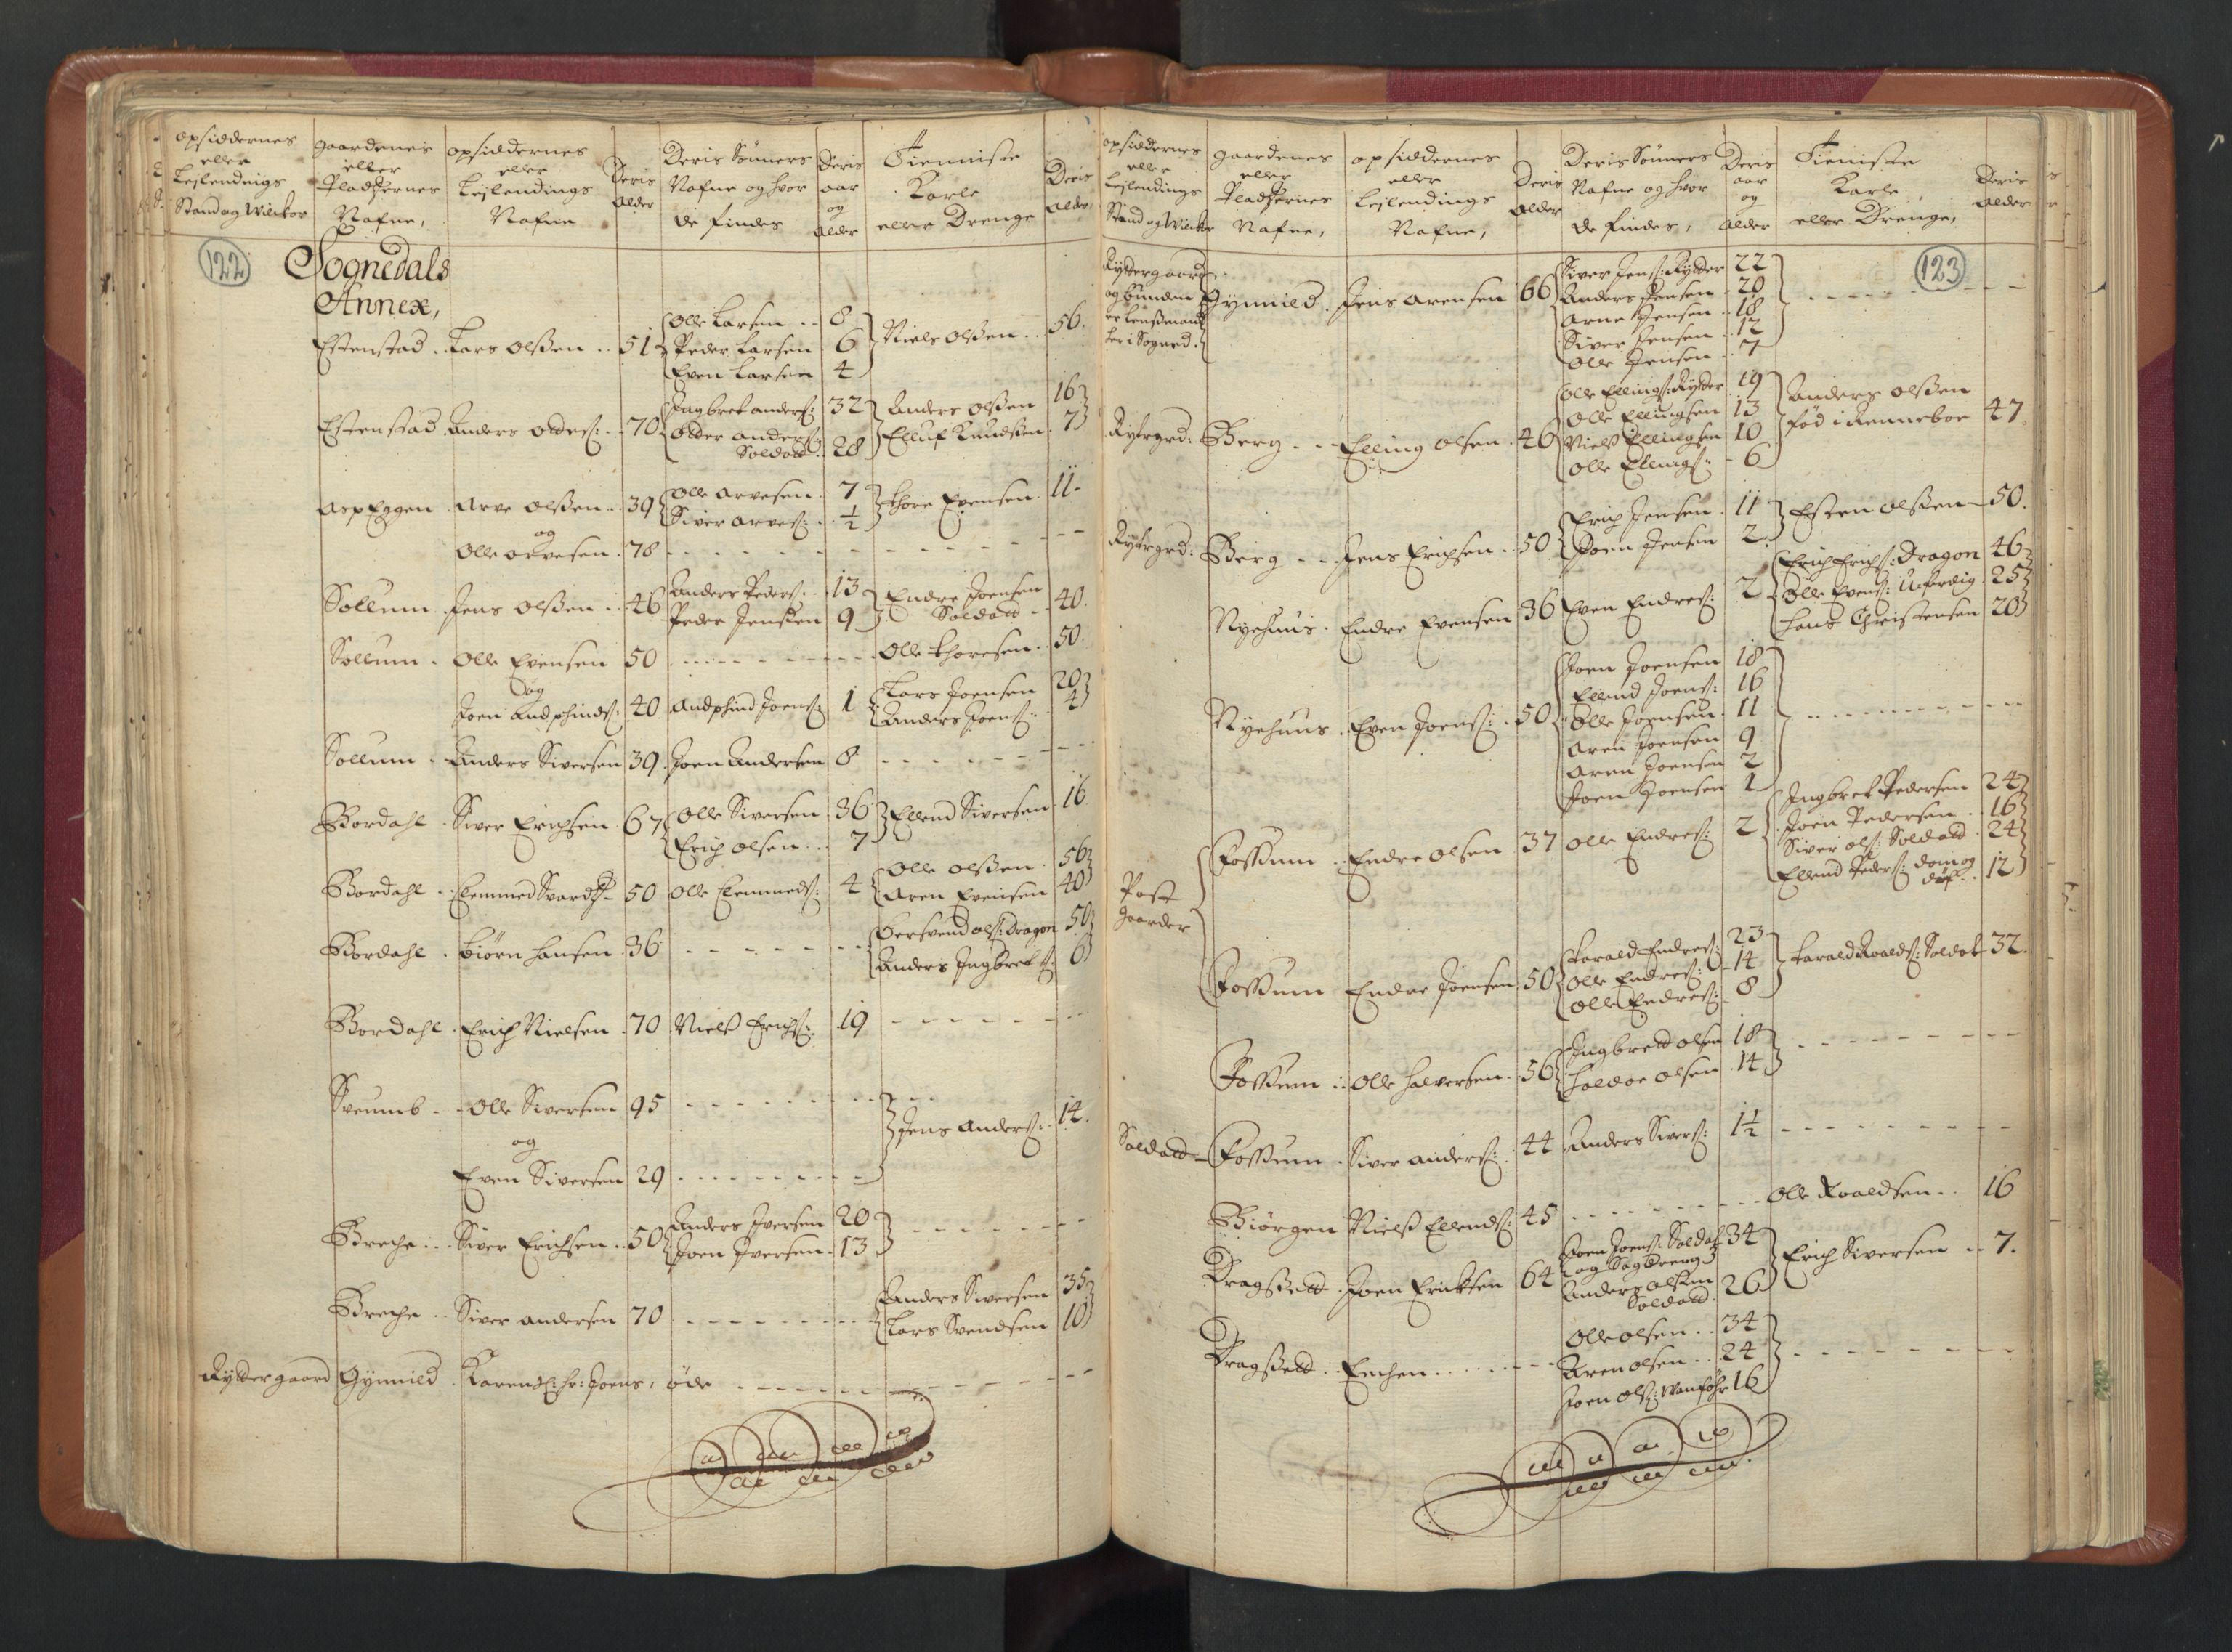 RA, Manntallet 1701, nr. 13: Orkdal fogderi og Gauldal fogderi med Røros kobberverk, 1701, s. 122-123